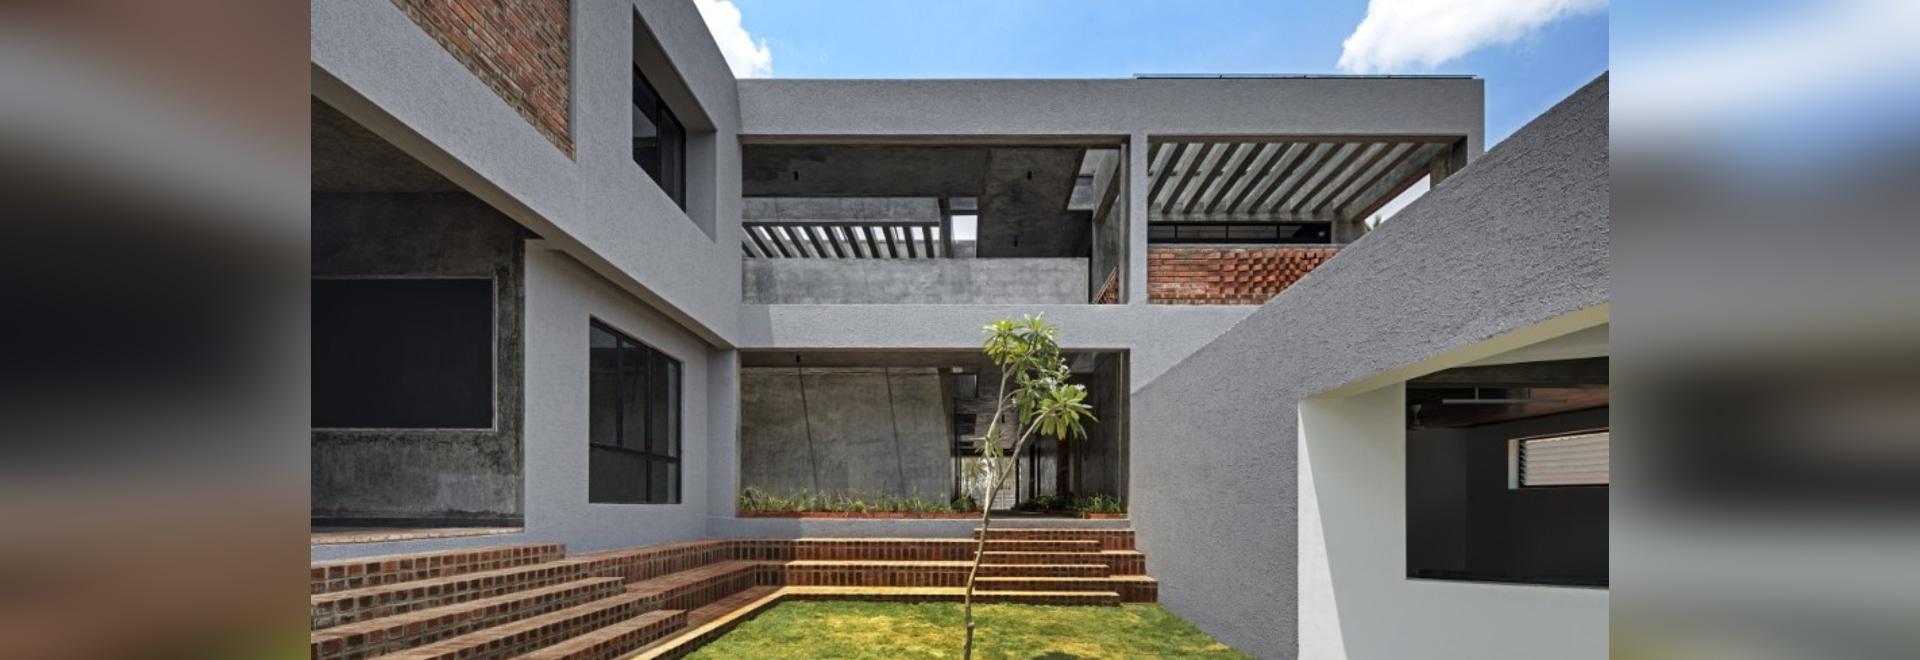 Escuela de AXIS Pramiti